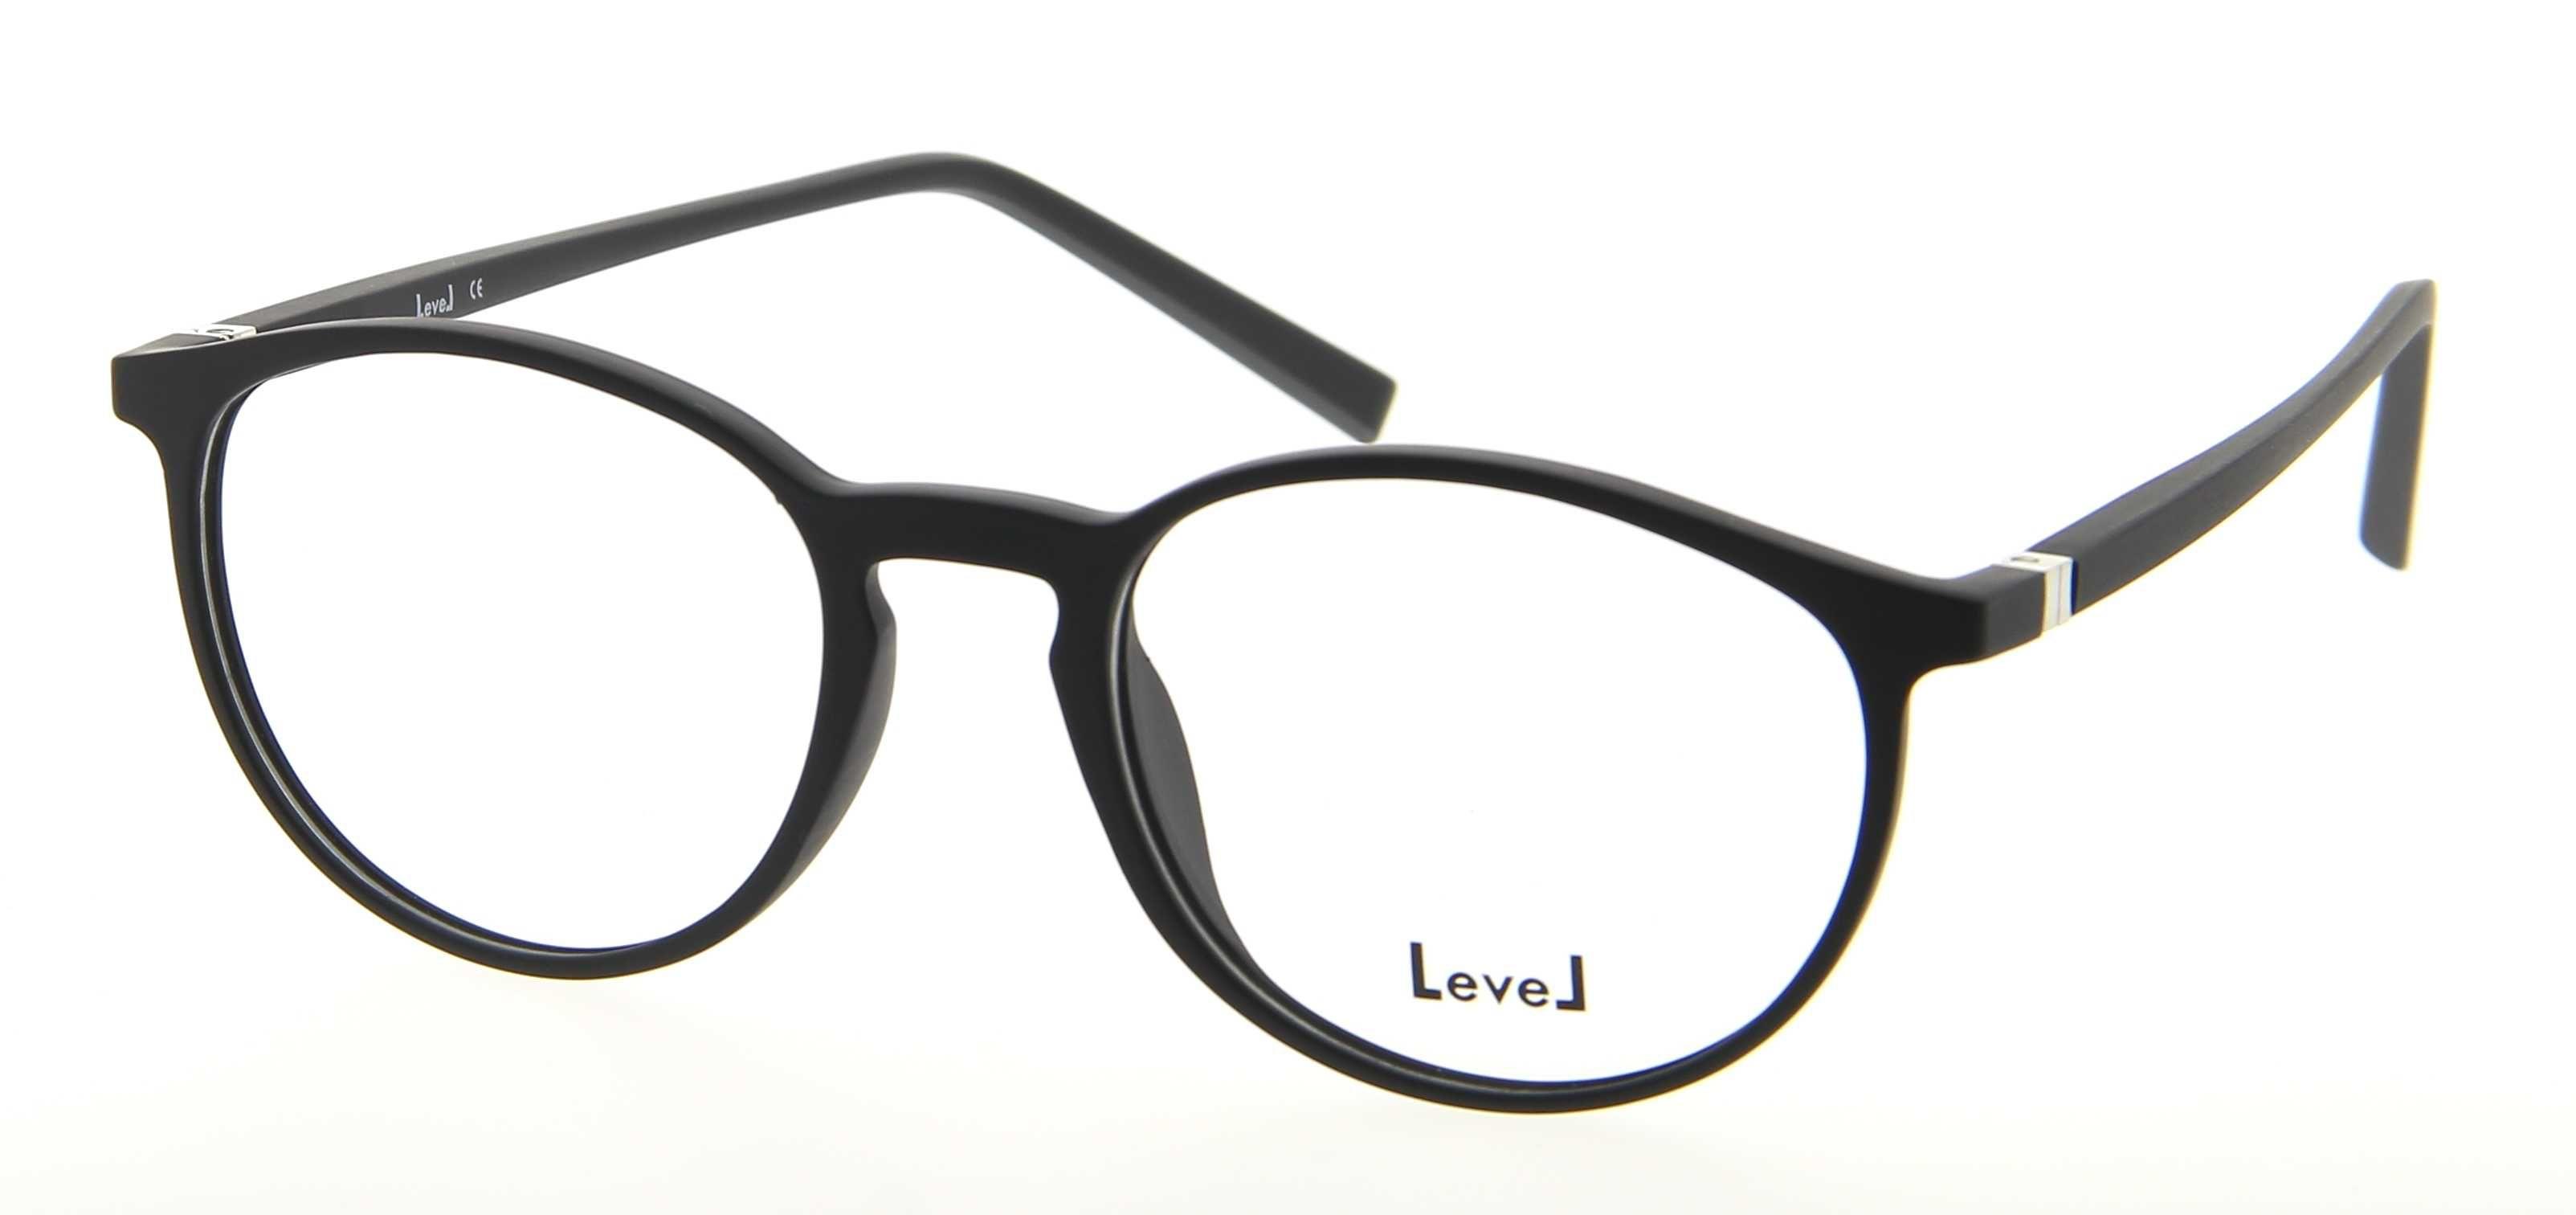 Lunettes de vue LE 1524 NOIR 49/19 LEVEL   lunettes   Pinterest